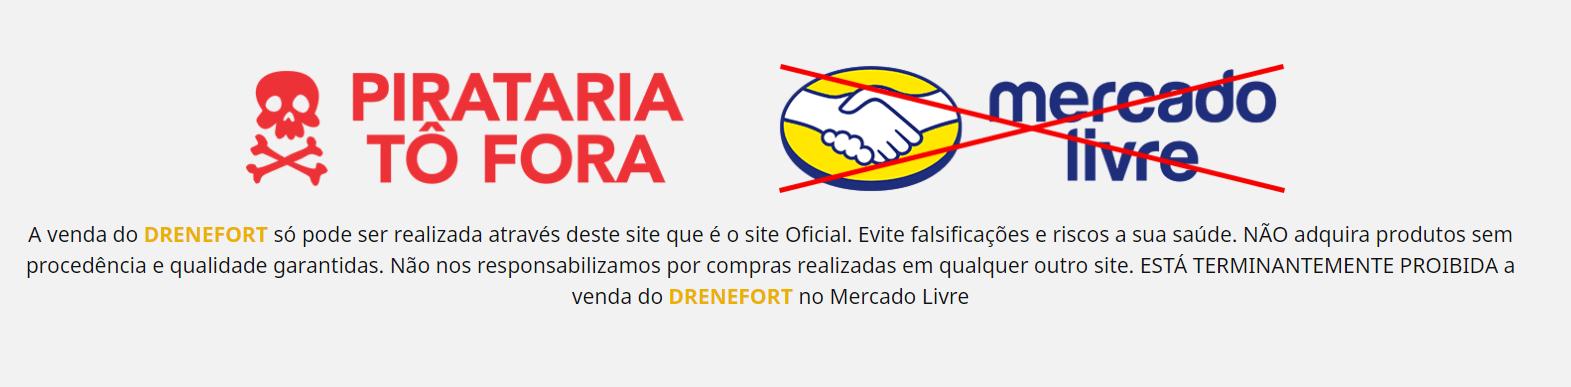 drenefort-mercado-livre